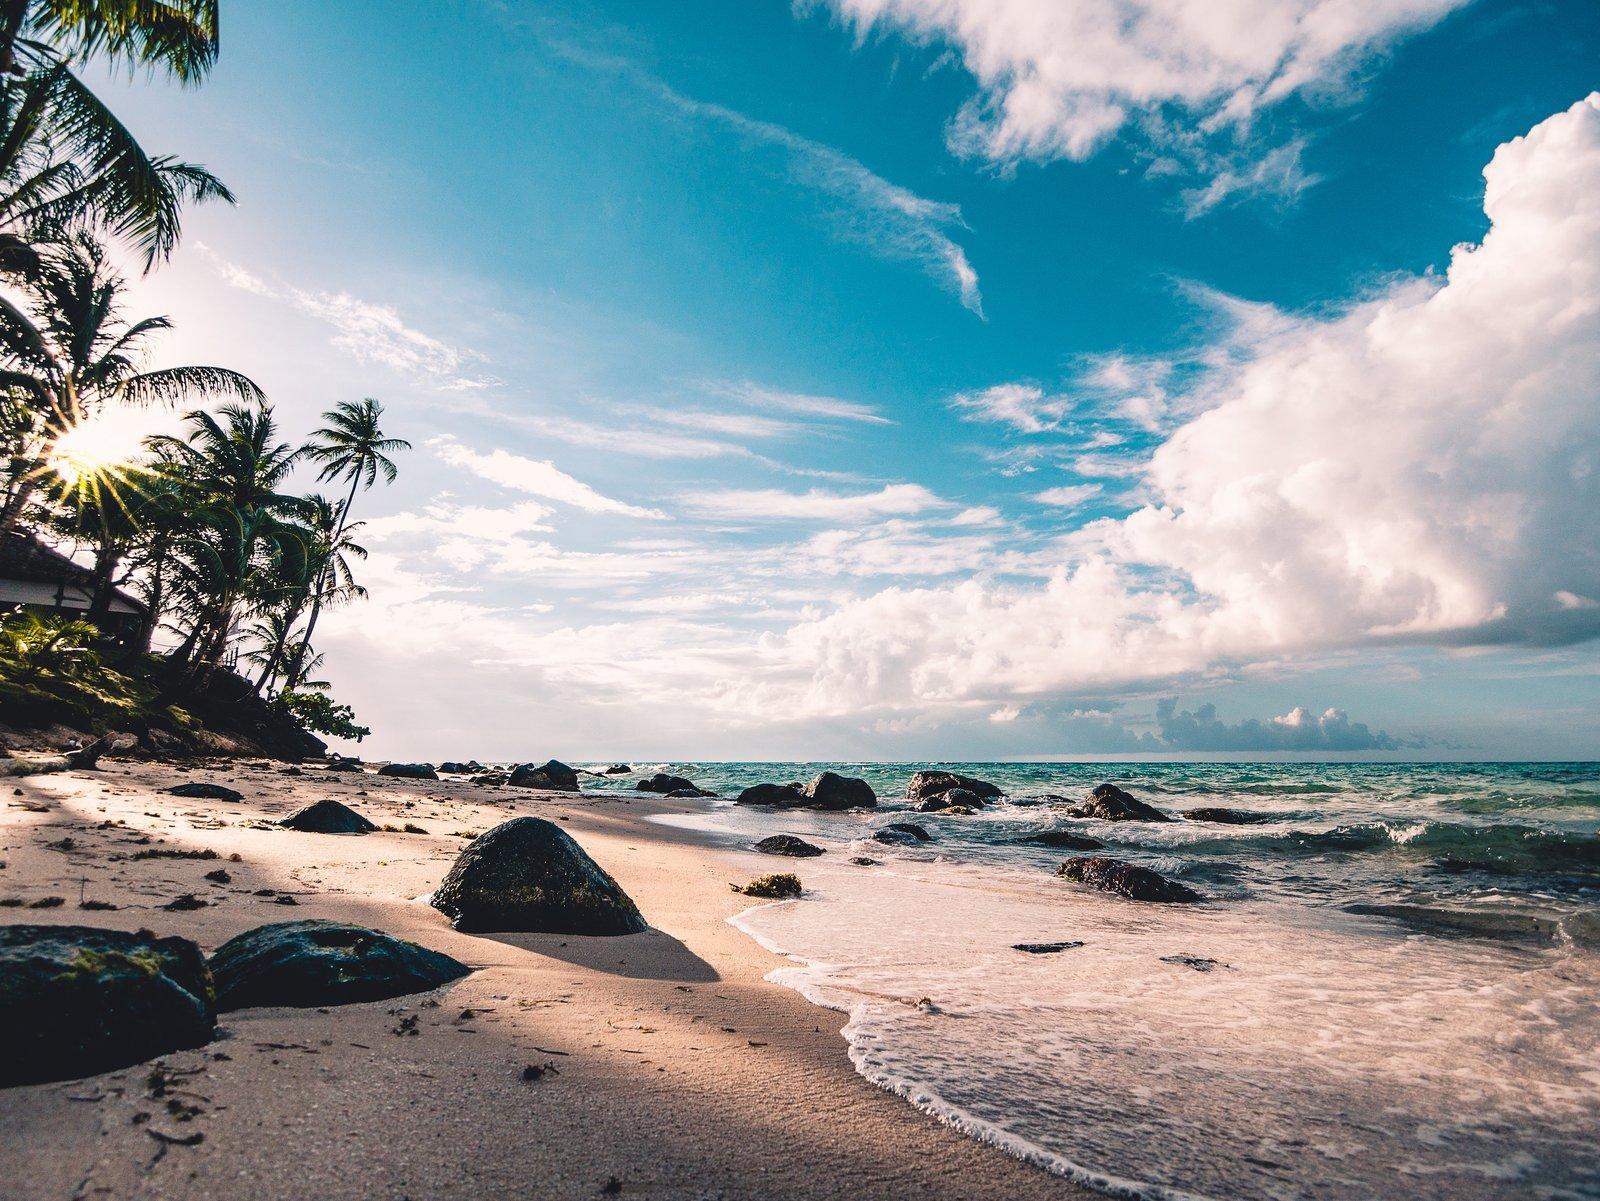 beach-clouds-daytime-994605